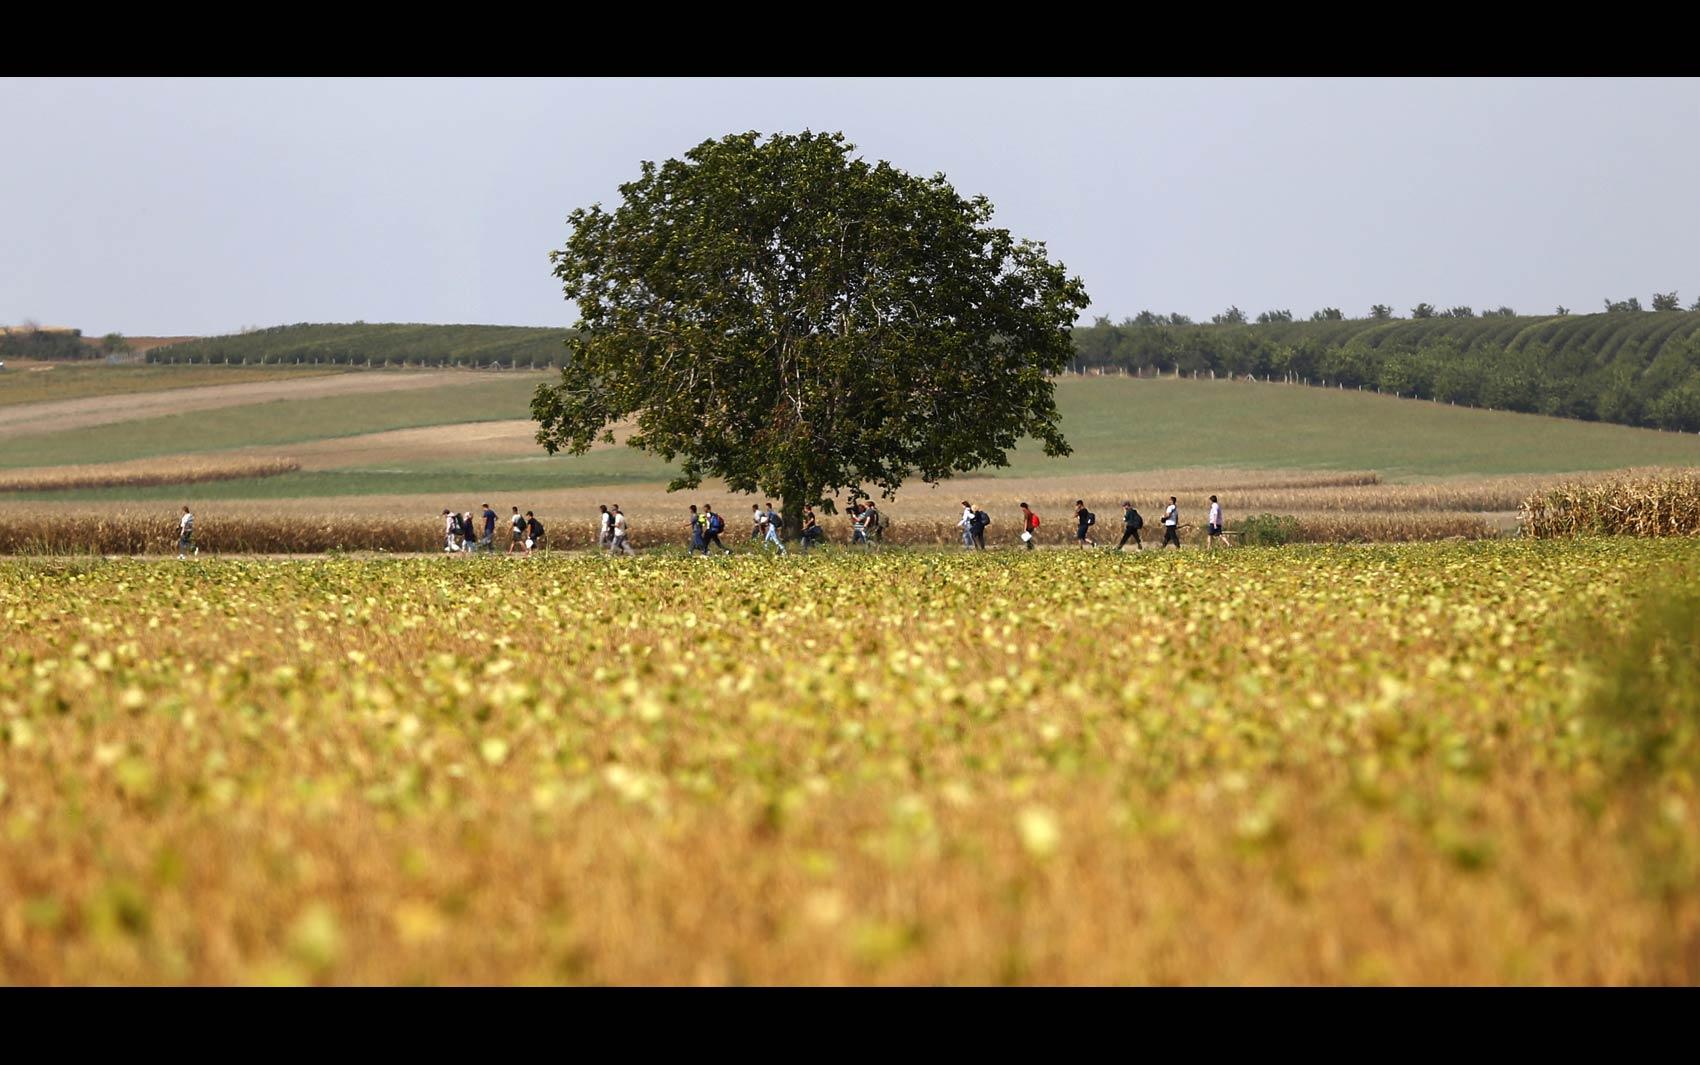 Pessoas percorrem estrada entre campos de plantação da região entre Sérvia e Croácia perto de Tovarnik, na Croácia. O país se tornou o novo destino de migrantes no lugar da Hungria, que tem dificultado a entrada em sua fronteira com a Sérvia